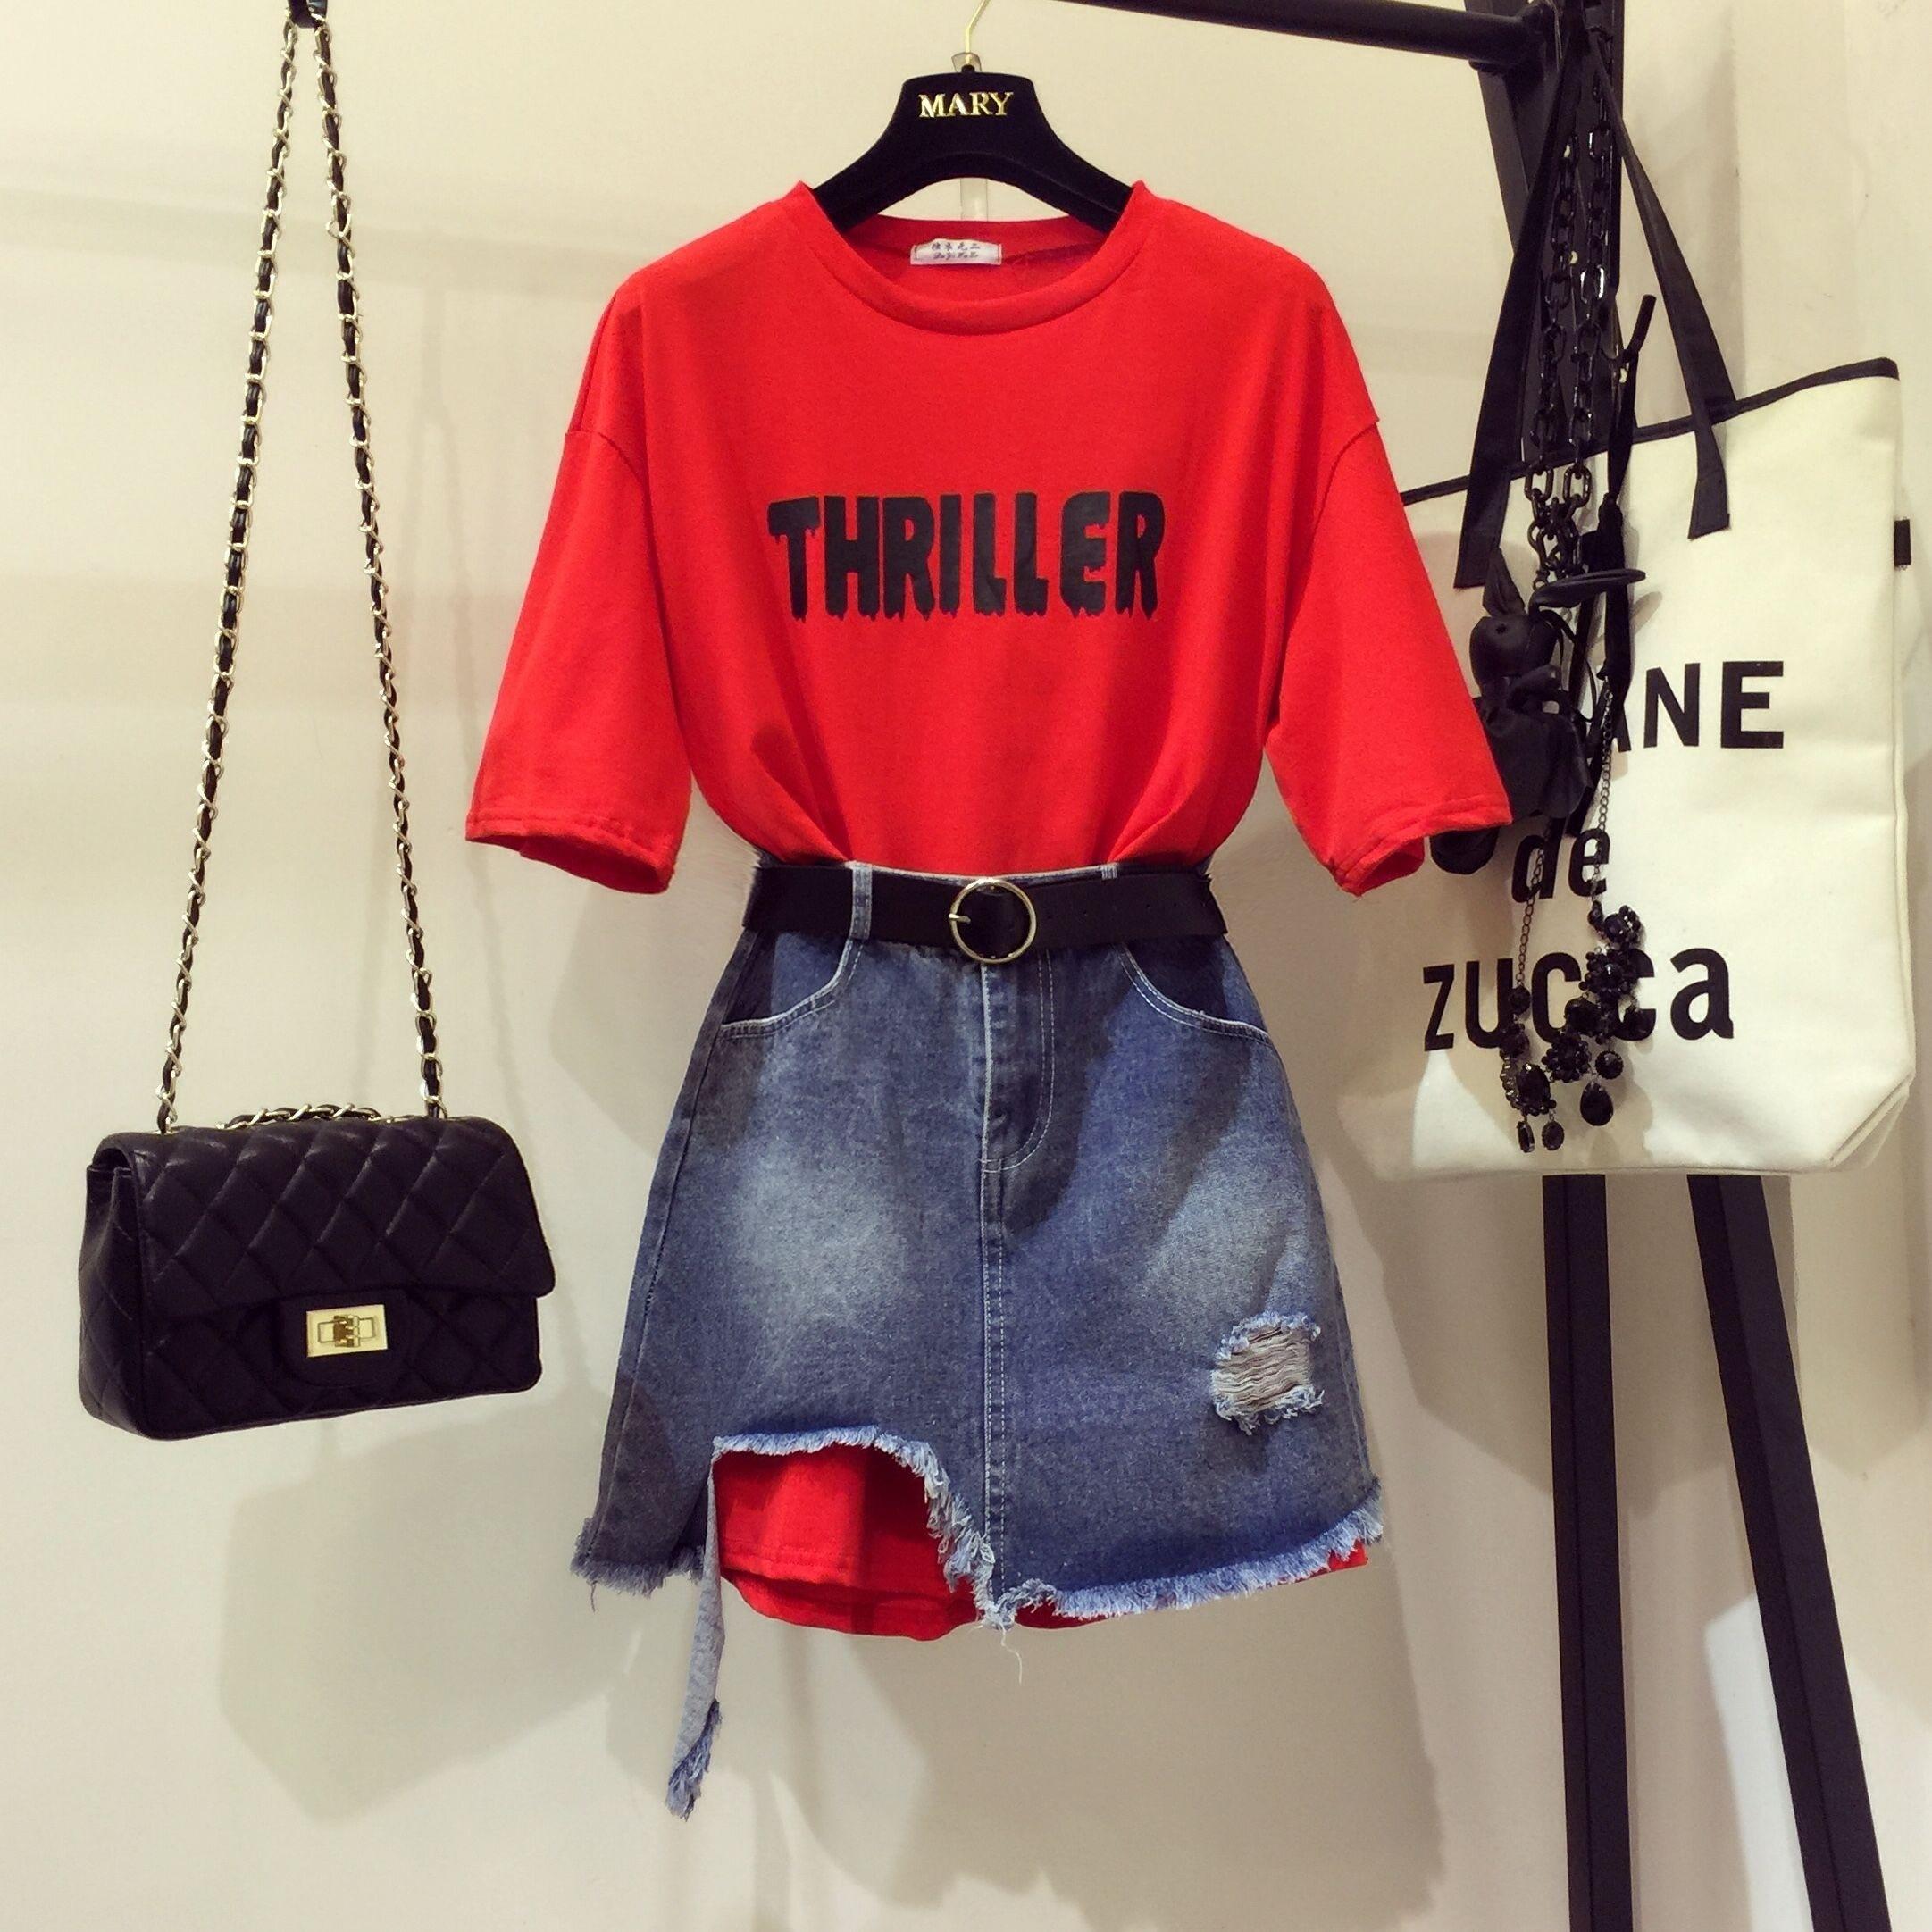 Moda de verano de 2019, Camisetas largas sueltas con estampado de letras para mujer y niña, Faldas vaqueras asimétricas con agujero, conjuntos de falda de vaqueros de estudiante Twinset